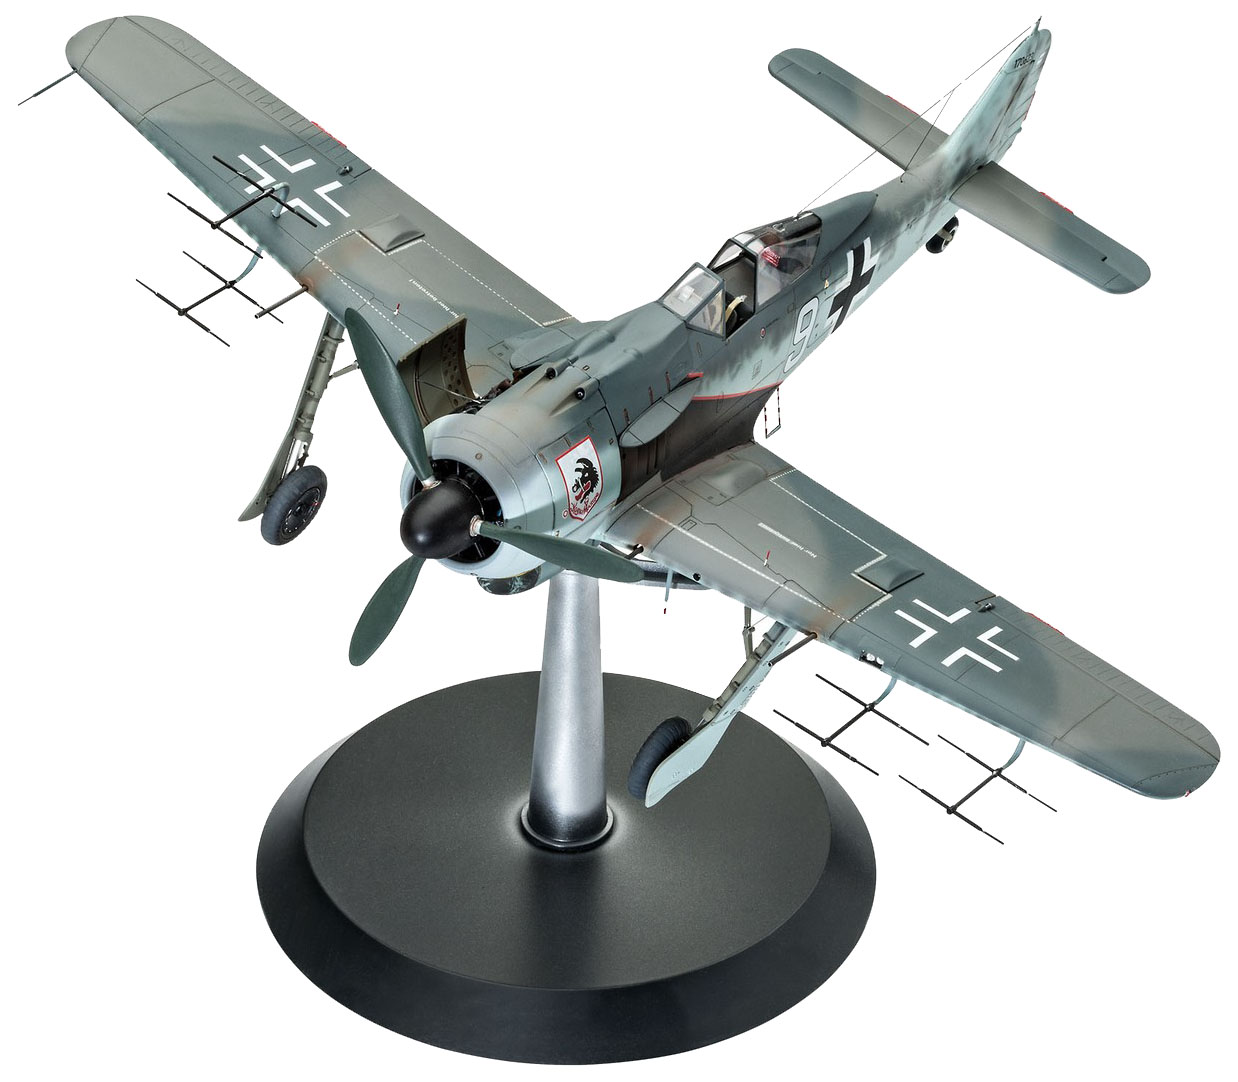 Купить Самолет Focke Wulf Fw 190 A-8 1:32 03926, Модель для сборки Revell самолет Focke Wulf Fw 190 A-8 1:32 03926, Модели для сборки